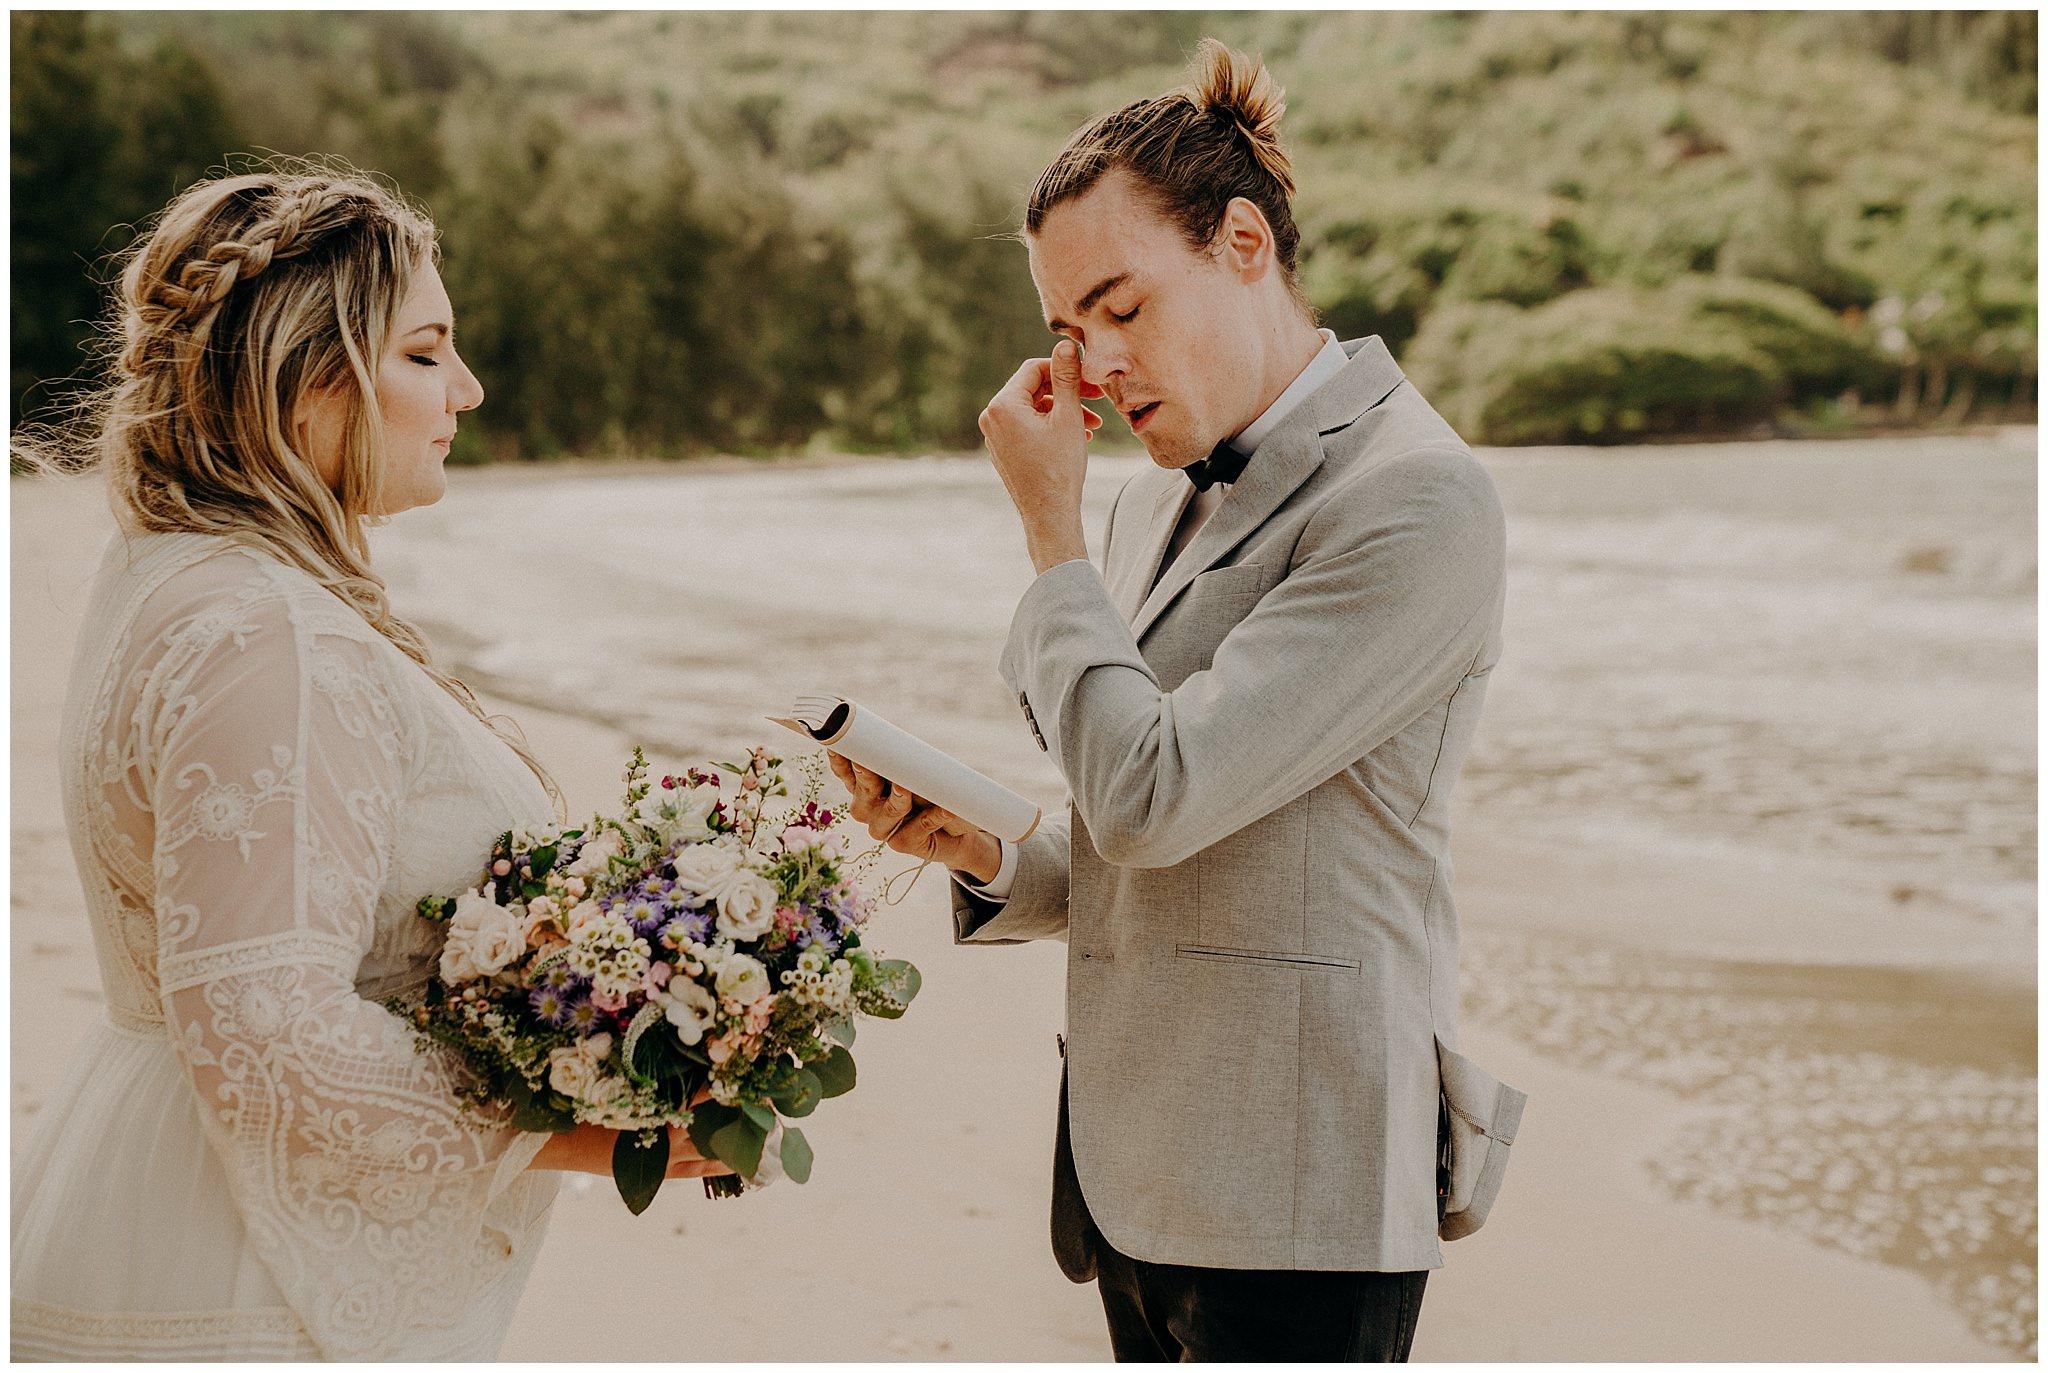 oahu-elopement-photographer13.jpg